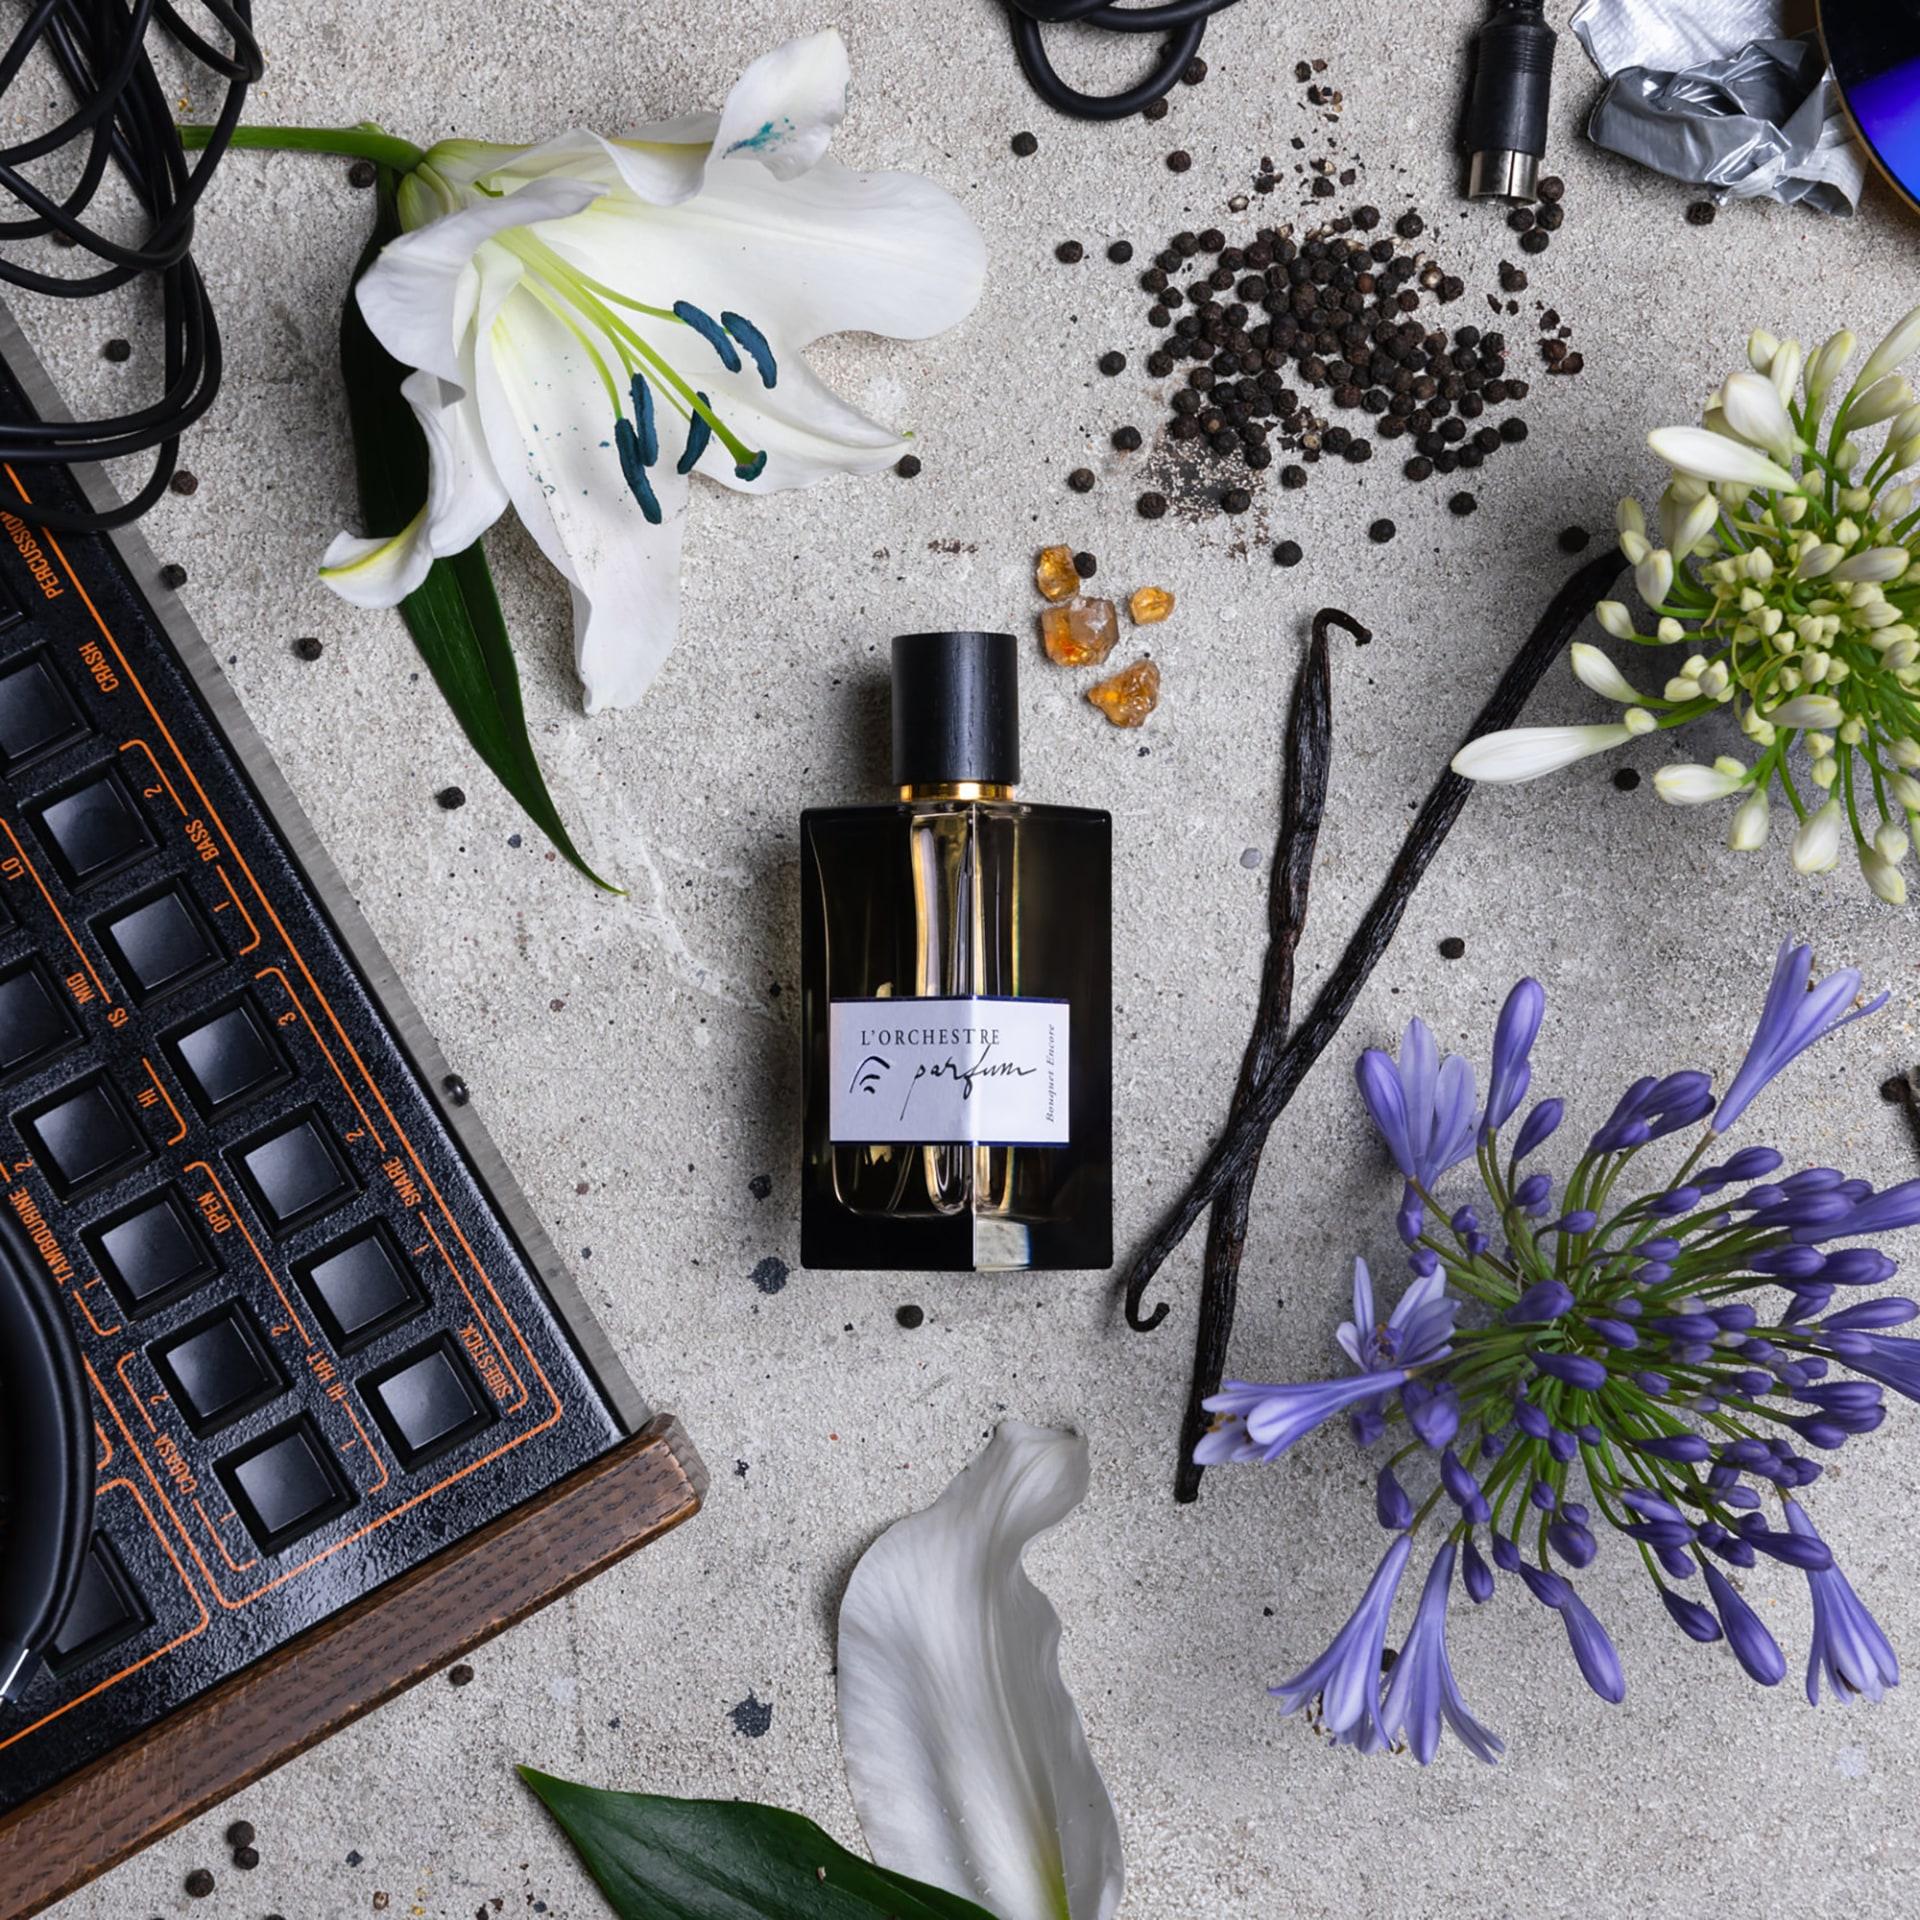 lorchestre-parfum-bouquet-encore-1